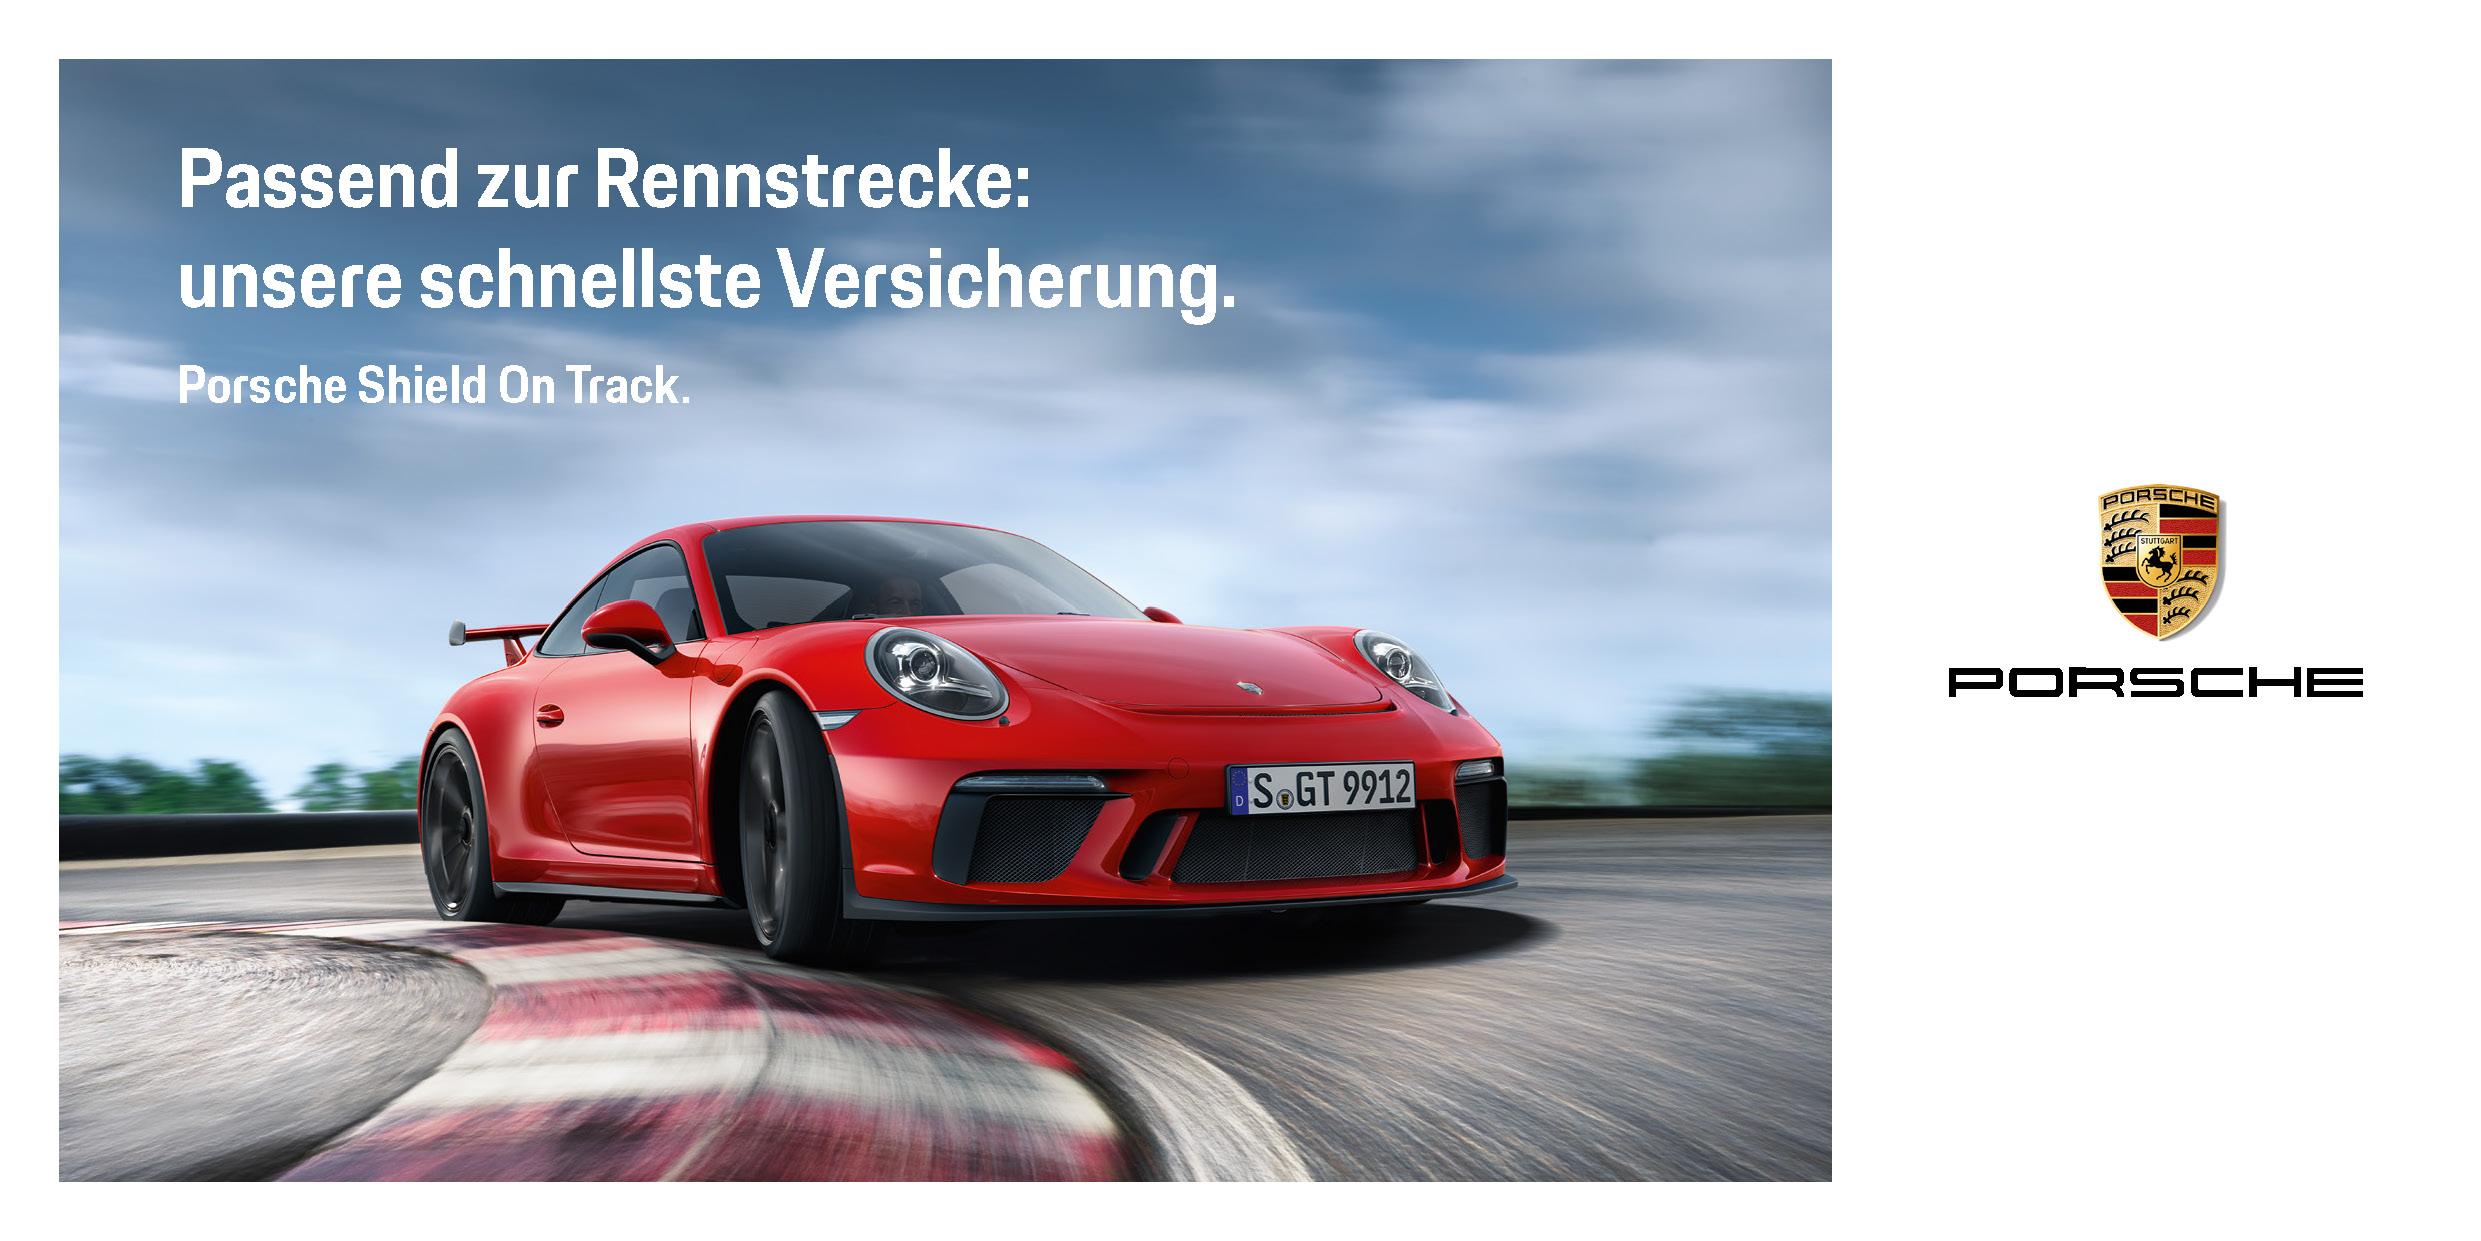 Porsche Shield On Track